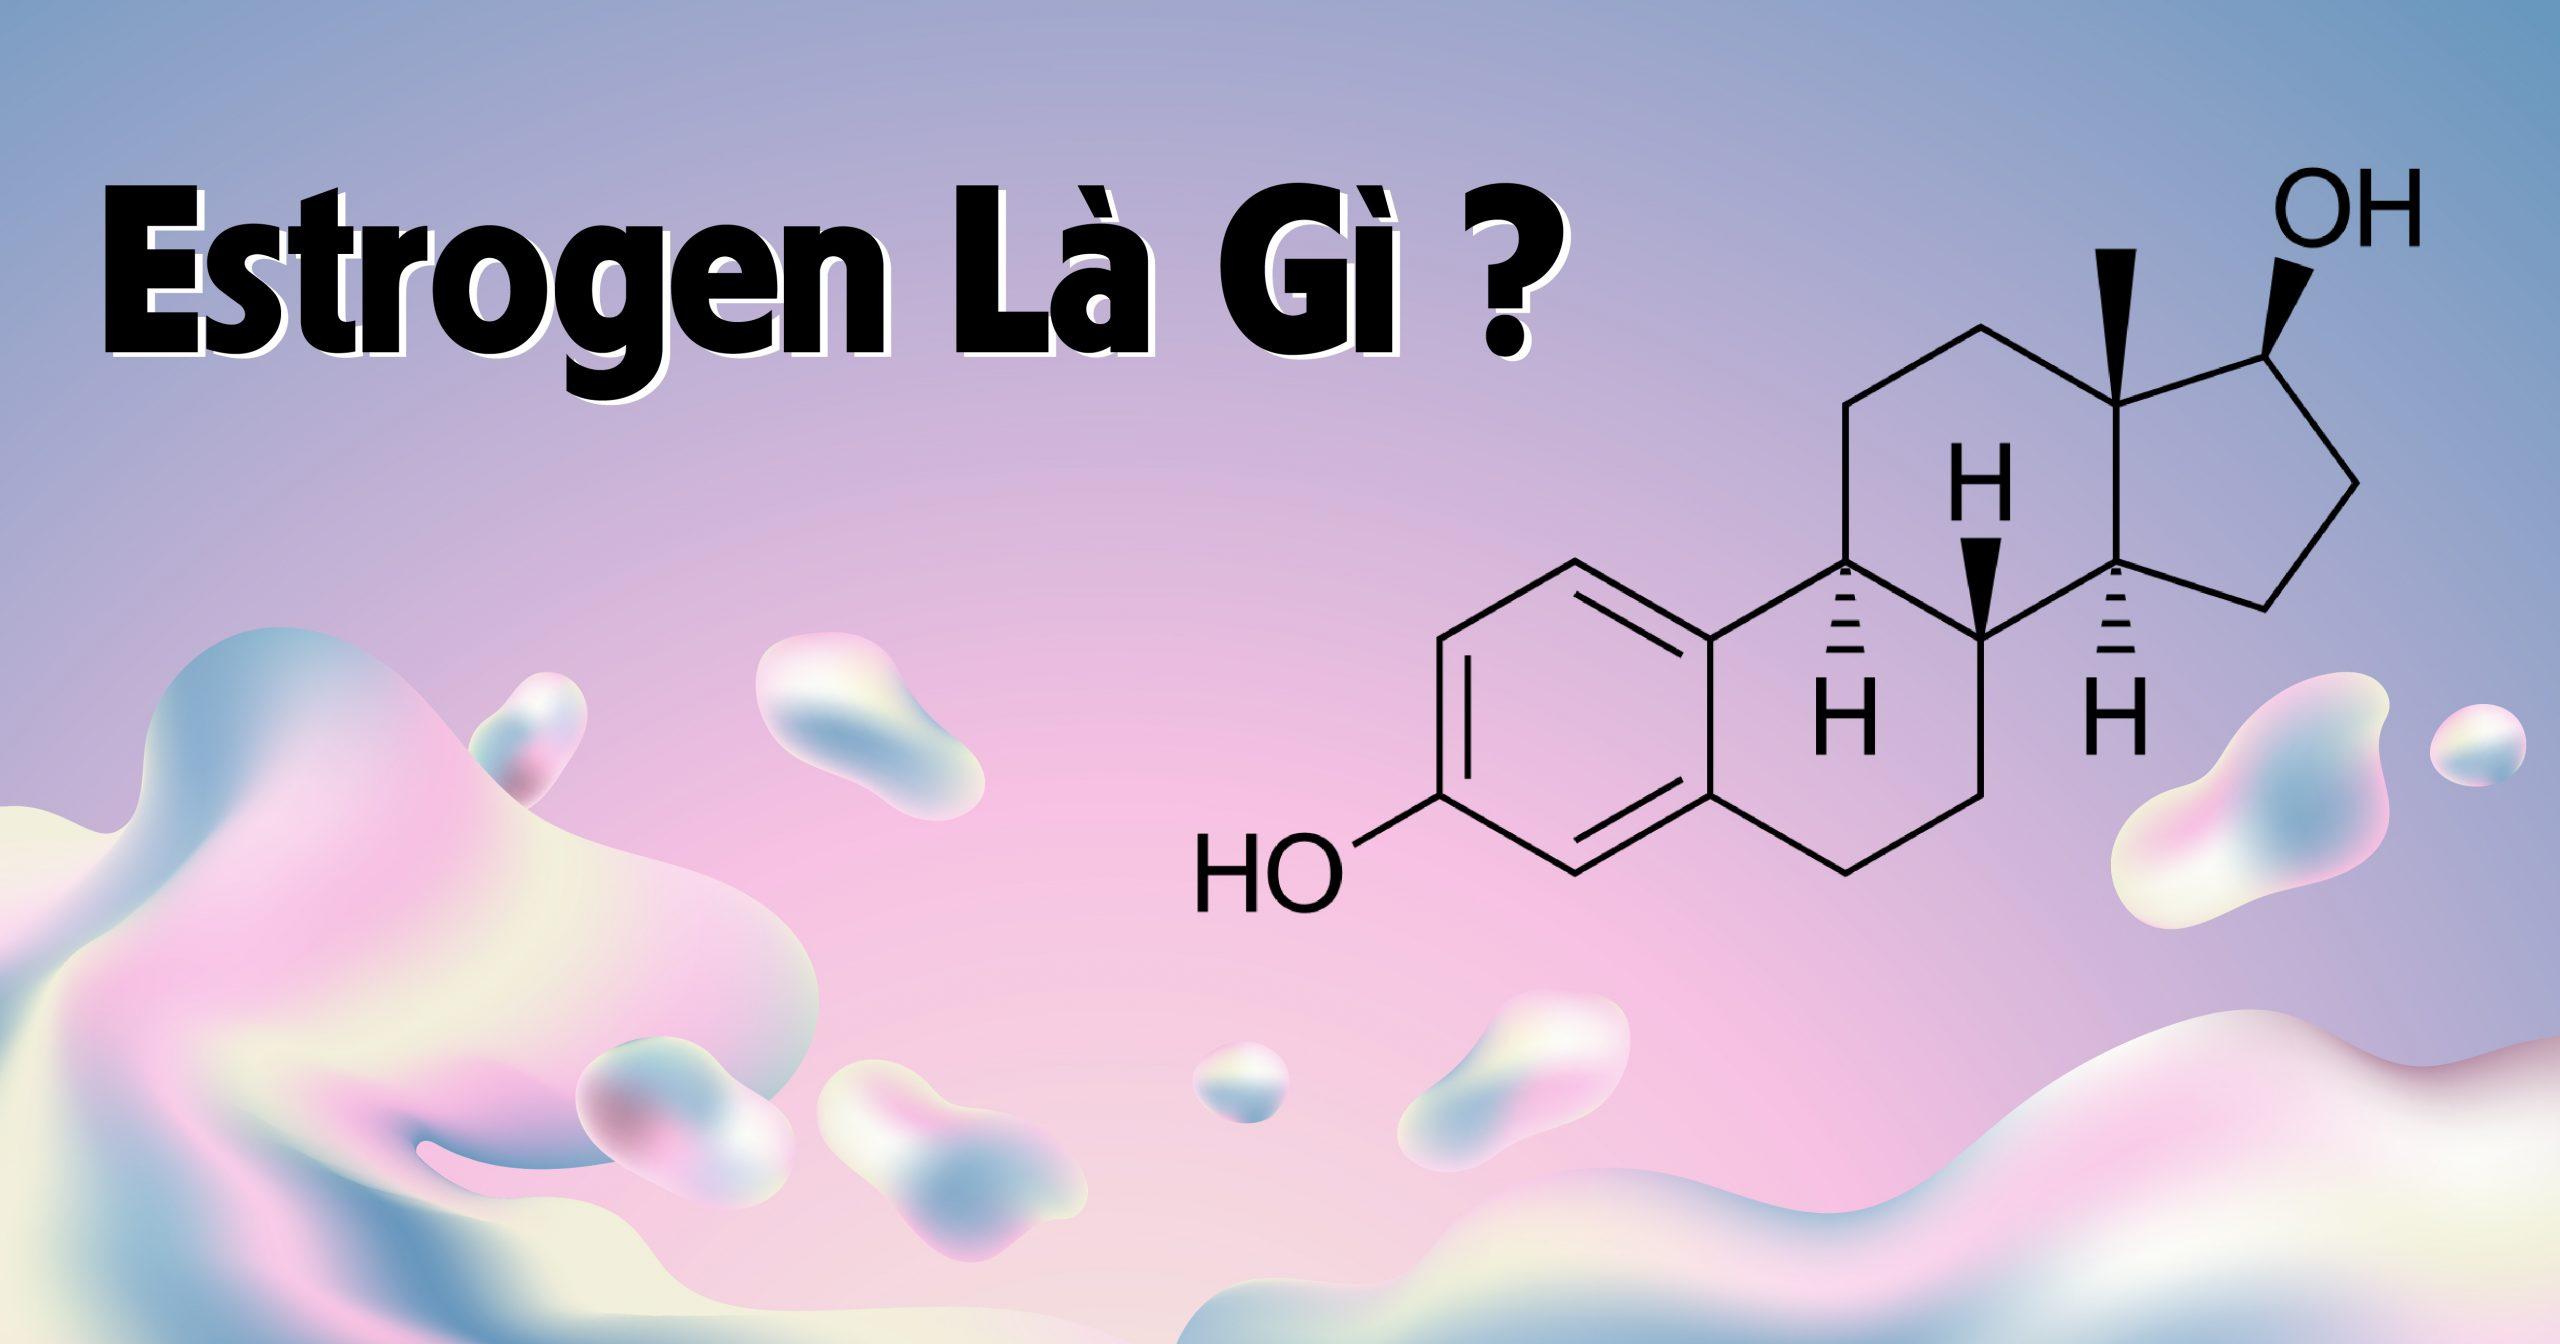 Vậy thực phẩm estrogen là gì